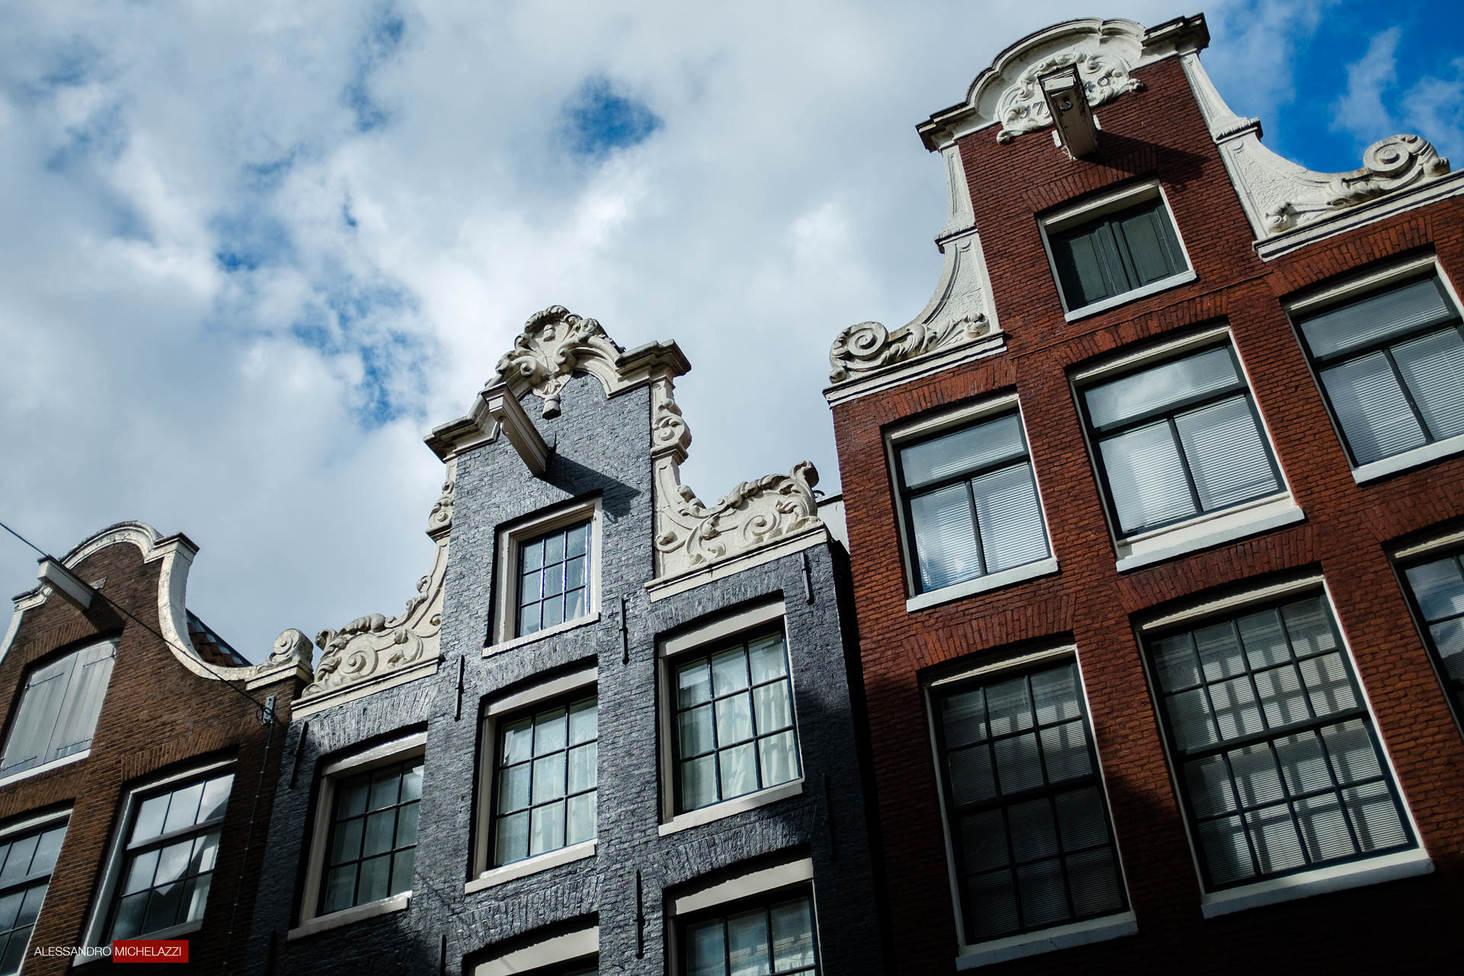 Amsterdam-Alessandro-Michelazzi-8